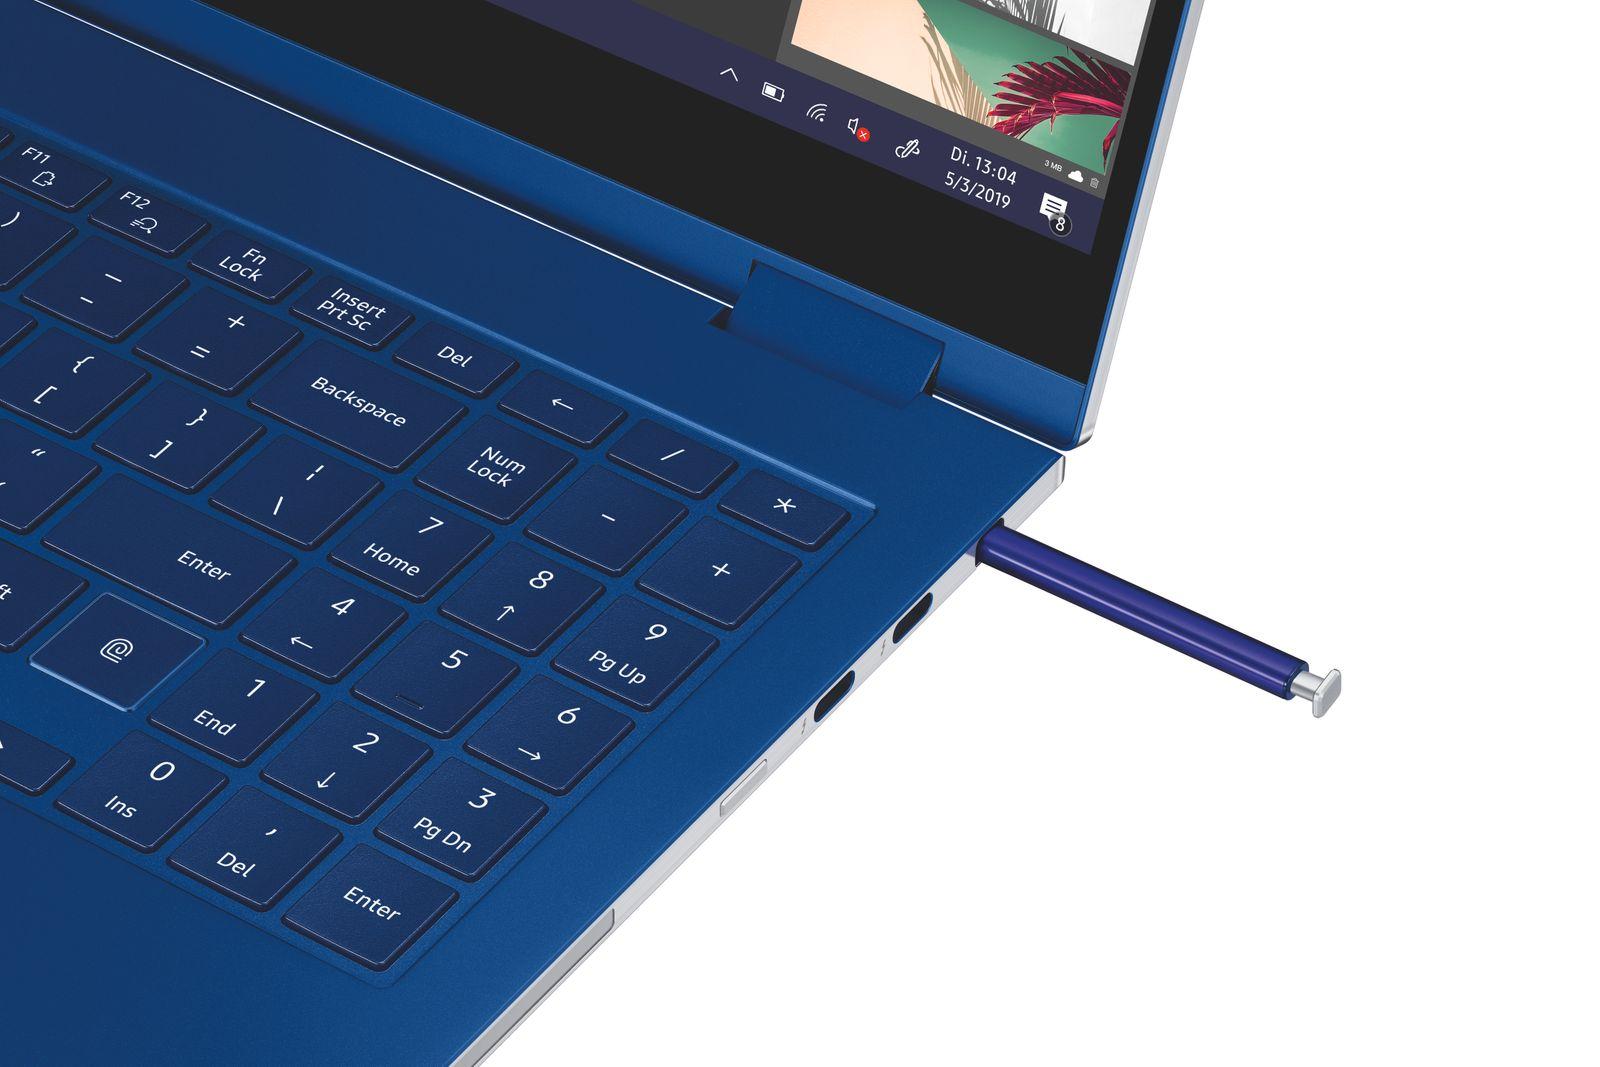 Samsung Galaxy Book / SPERRFRIST 29.5. 10 Uhr